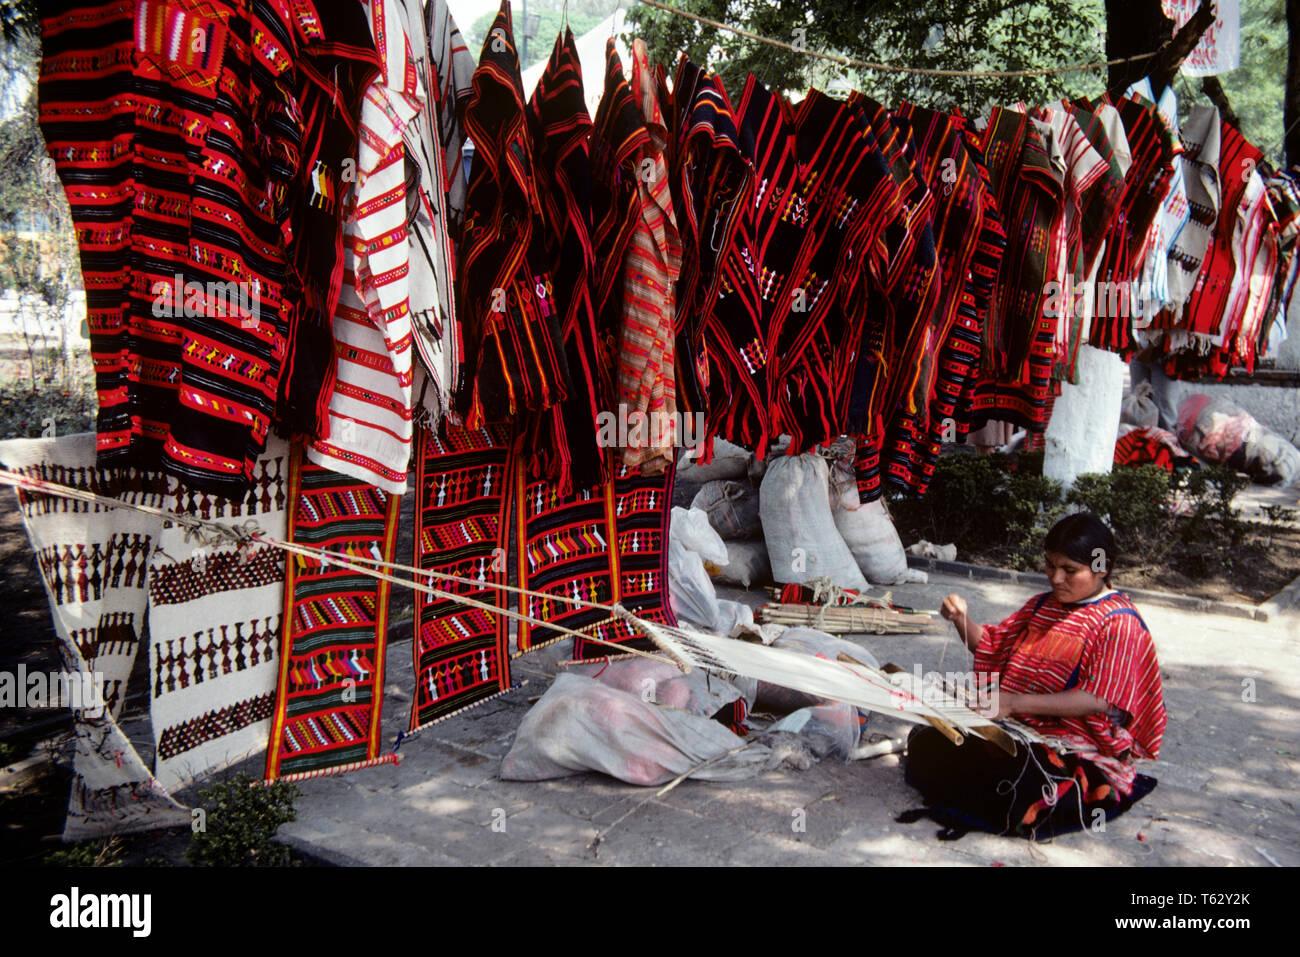 1980 WEAVER MEXICAIN MEXICO MEXIQUE SUR LE MARCHÉ À XOCHIMILCO - KR39963 KRU001 HARS MID-ADULT MID-ADULT WOMAN ATTRACTION TOURISTIQUE PRÈS D'ARTS ET MÉTIERS ARTISANAUX DE TISSAGE LOOM OLD FASHIONED WEAVER XOCHIMILCO Photo Stock